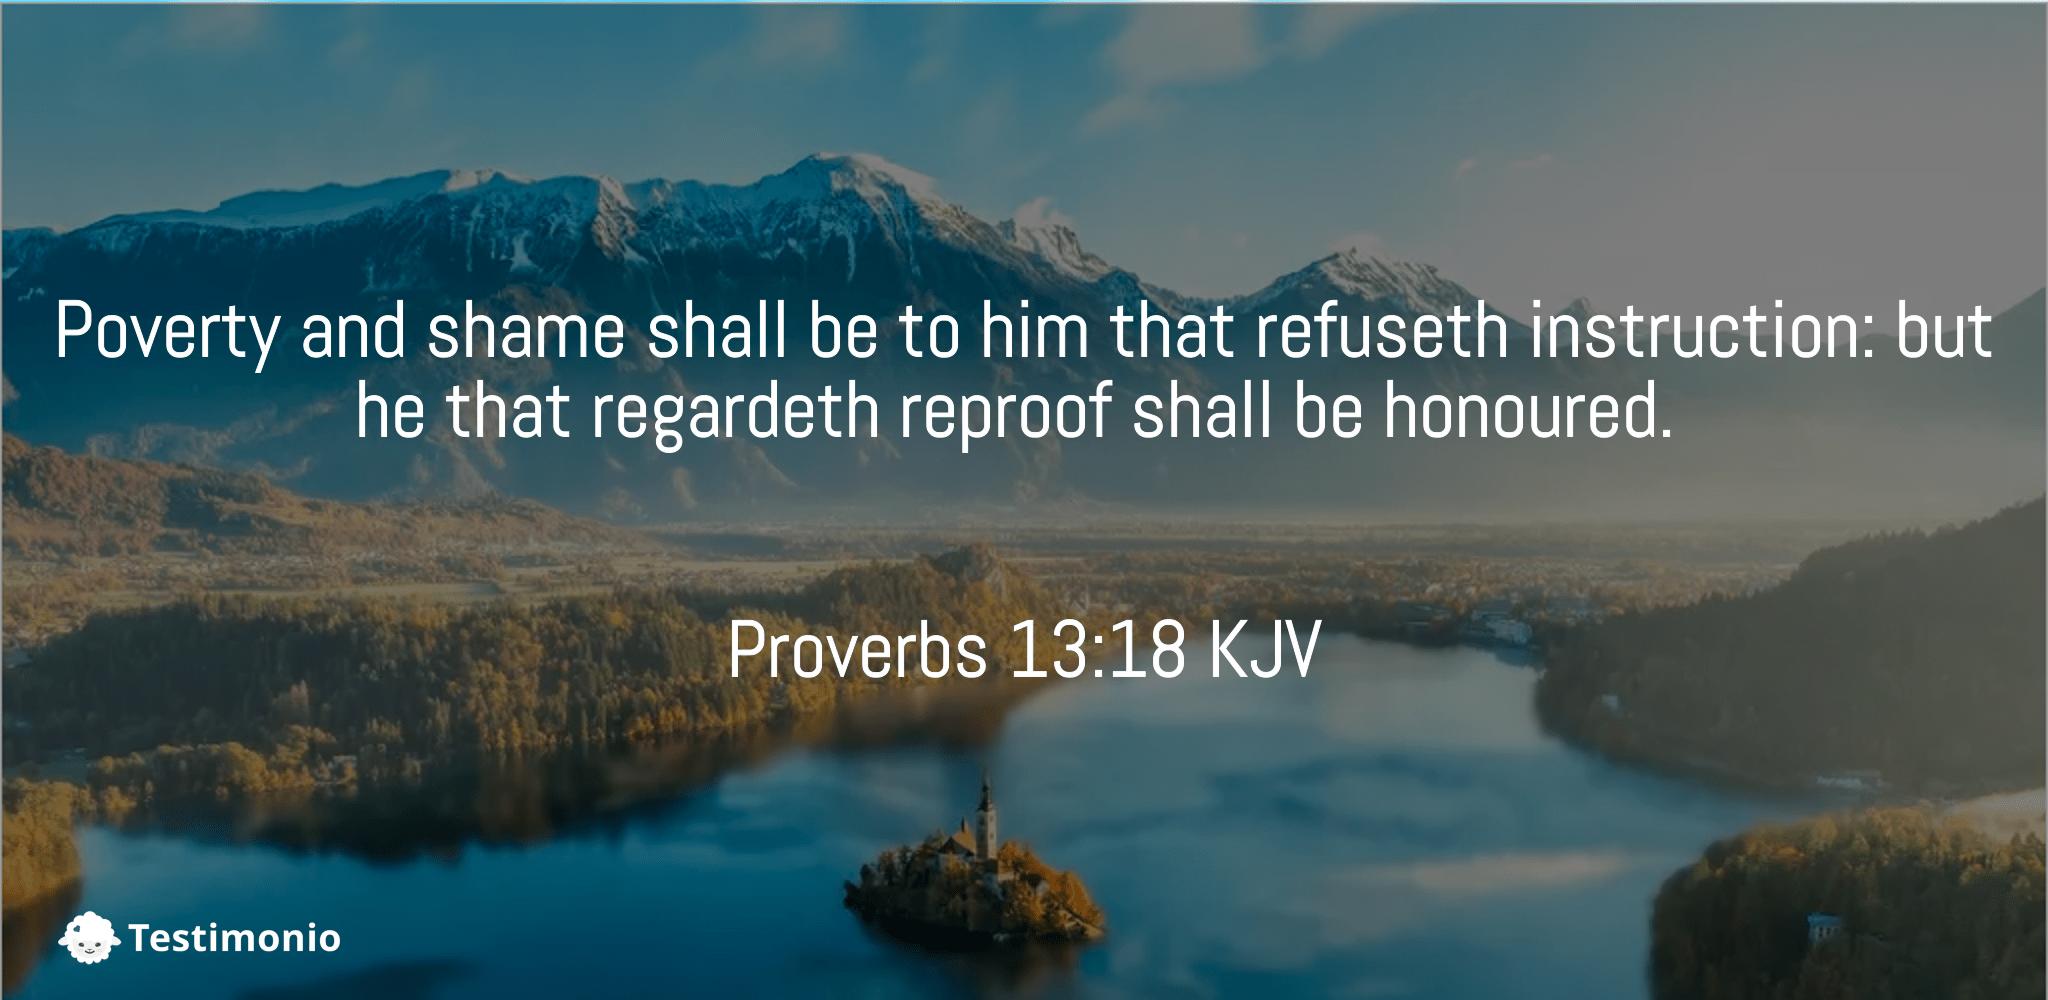 Proverbs 13:18